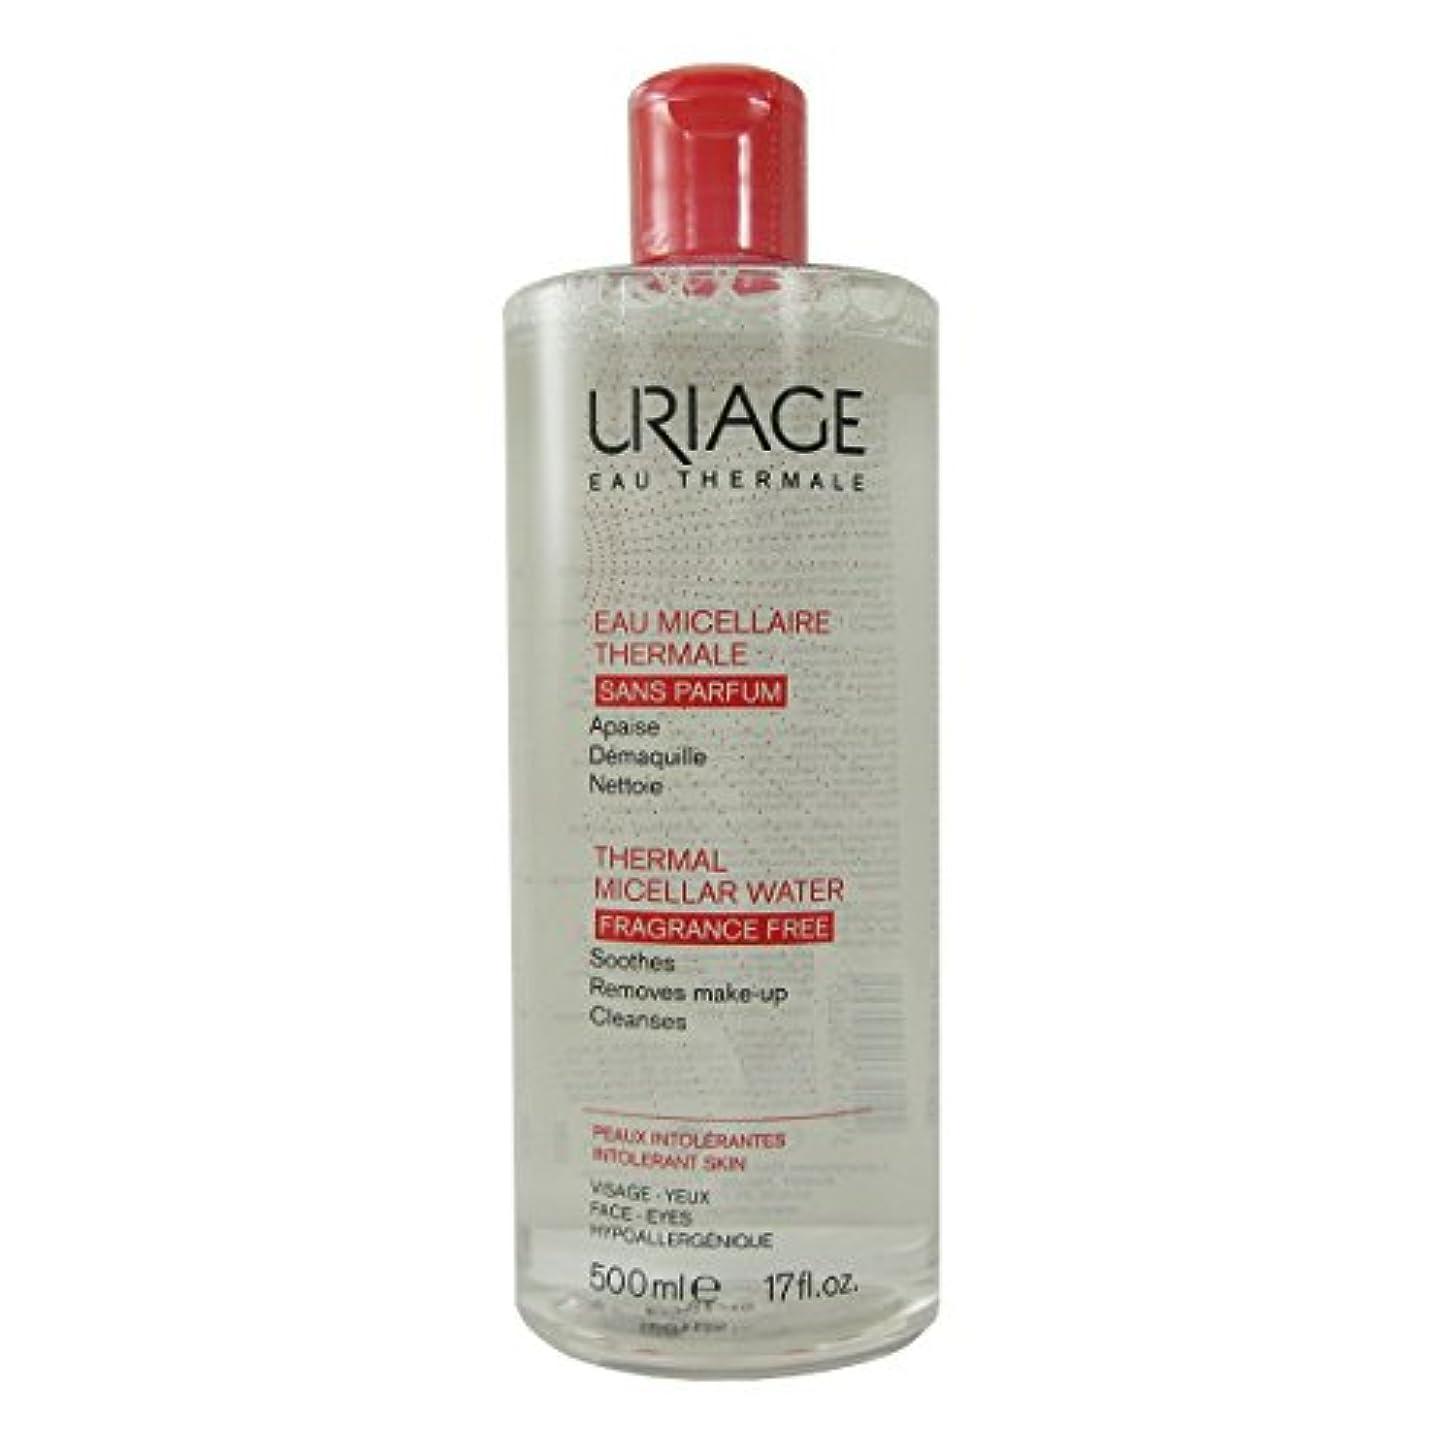 何十人も狂気事実上Uriage Thermal Micellar Water Fragrance Free Intolerant Skin 500ml [並行輸入品]